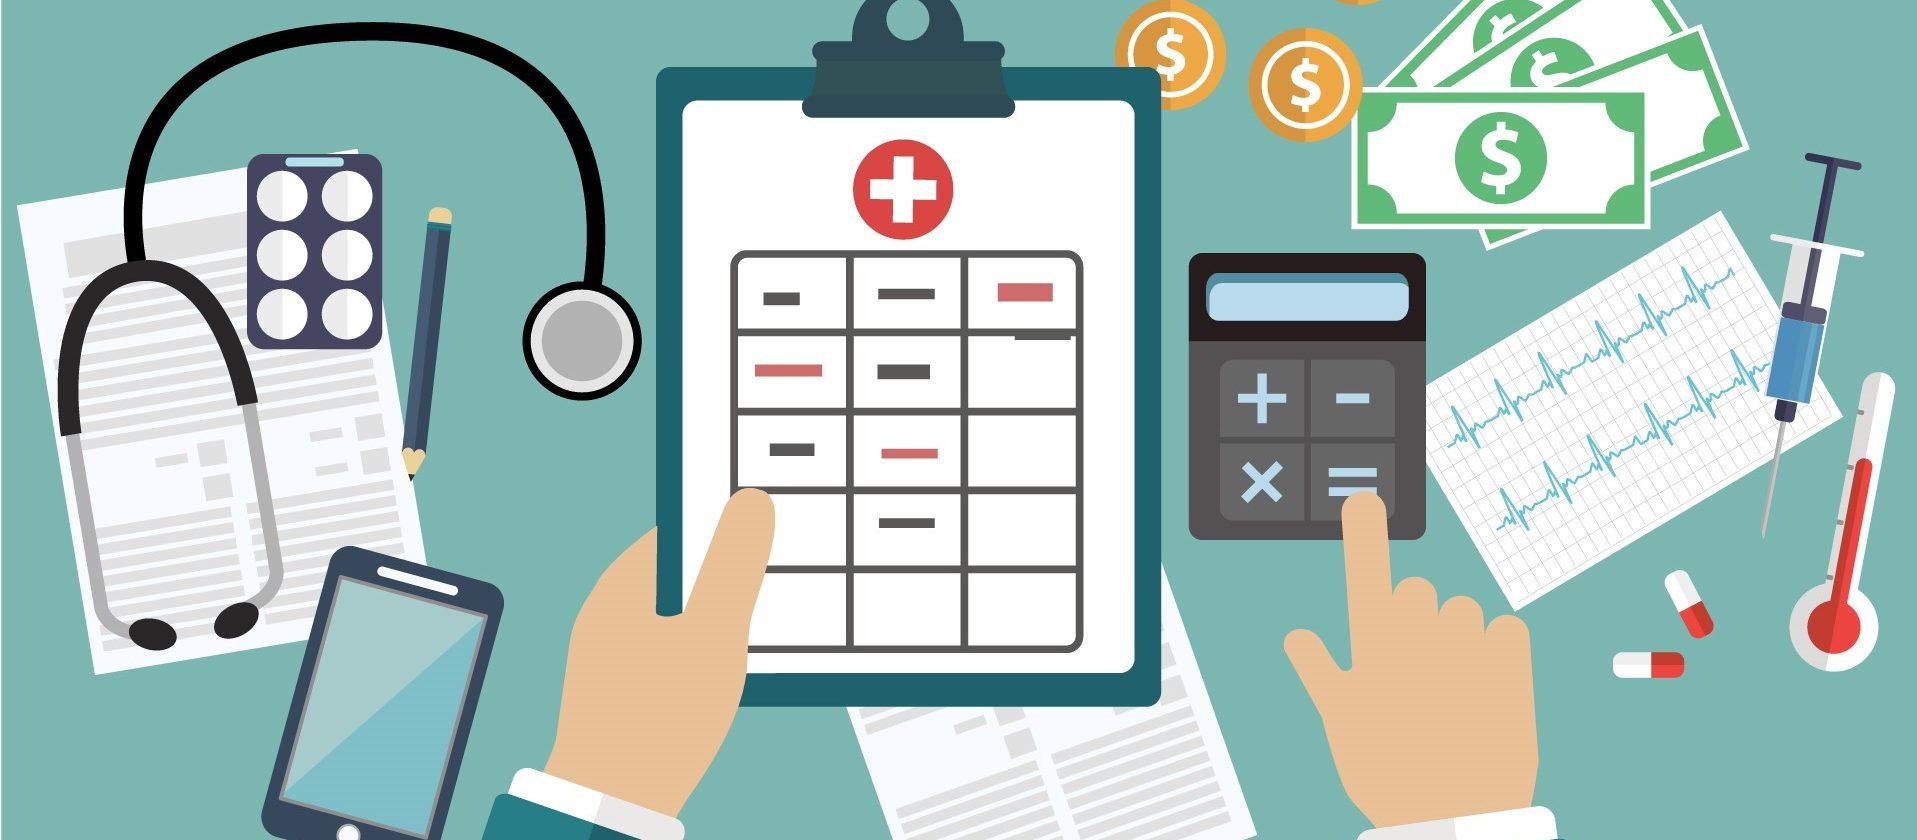 health-care--e1495141013610.jpg (1917×840)